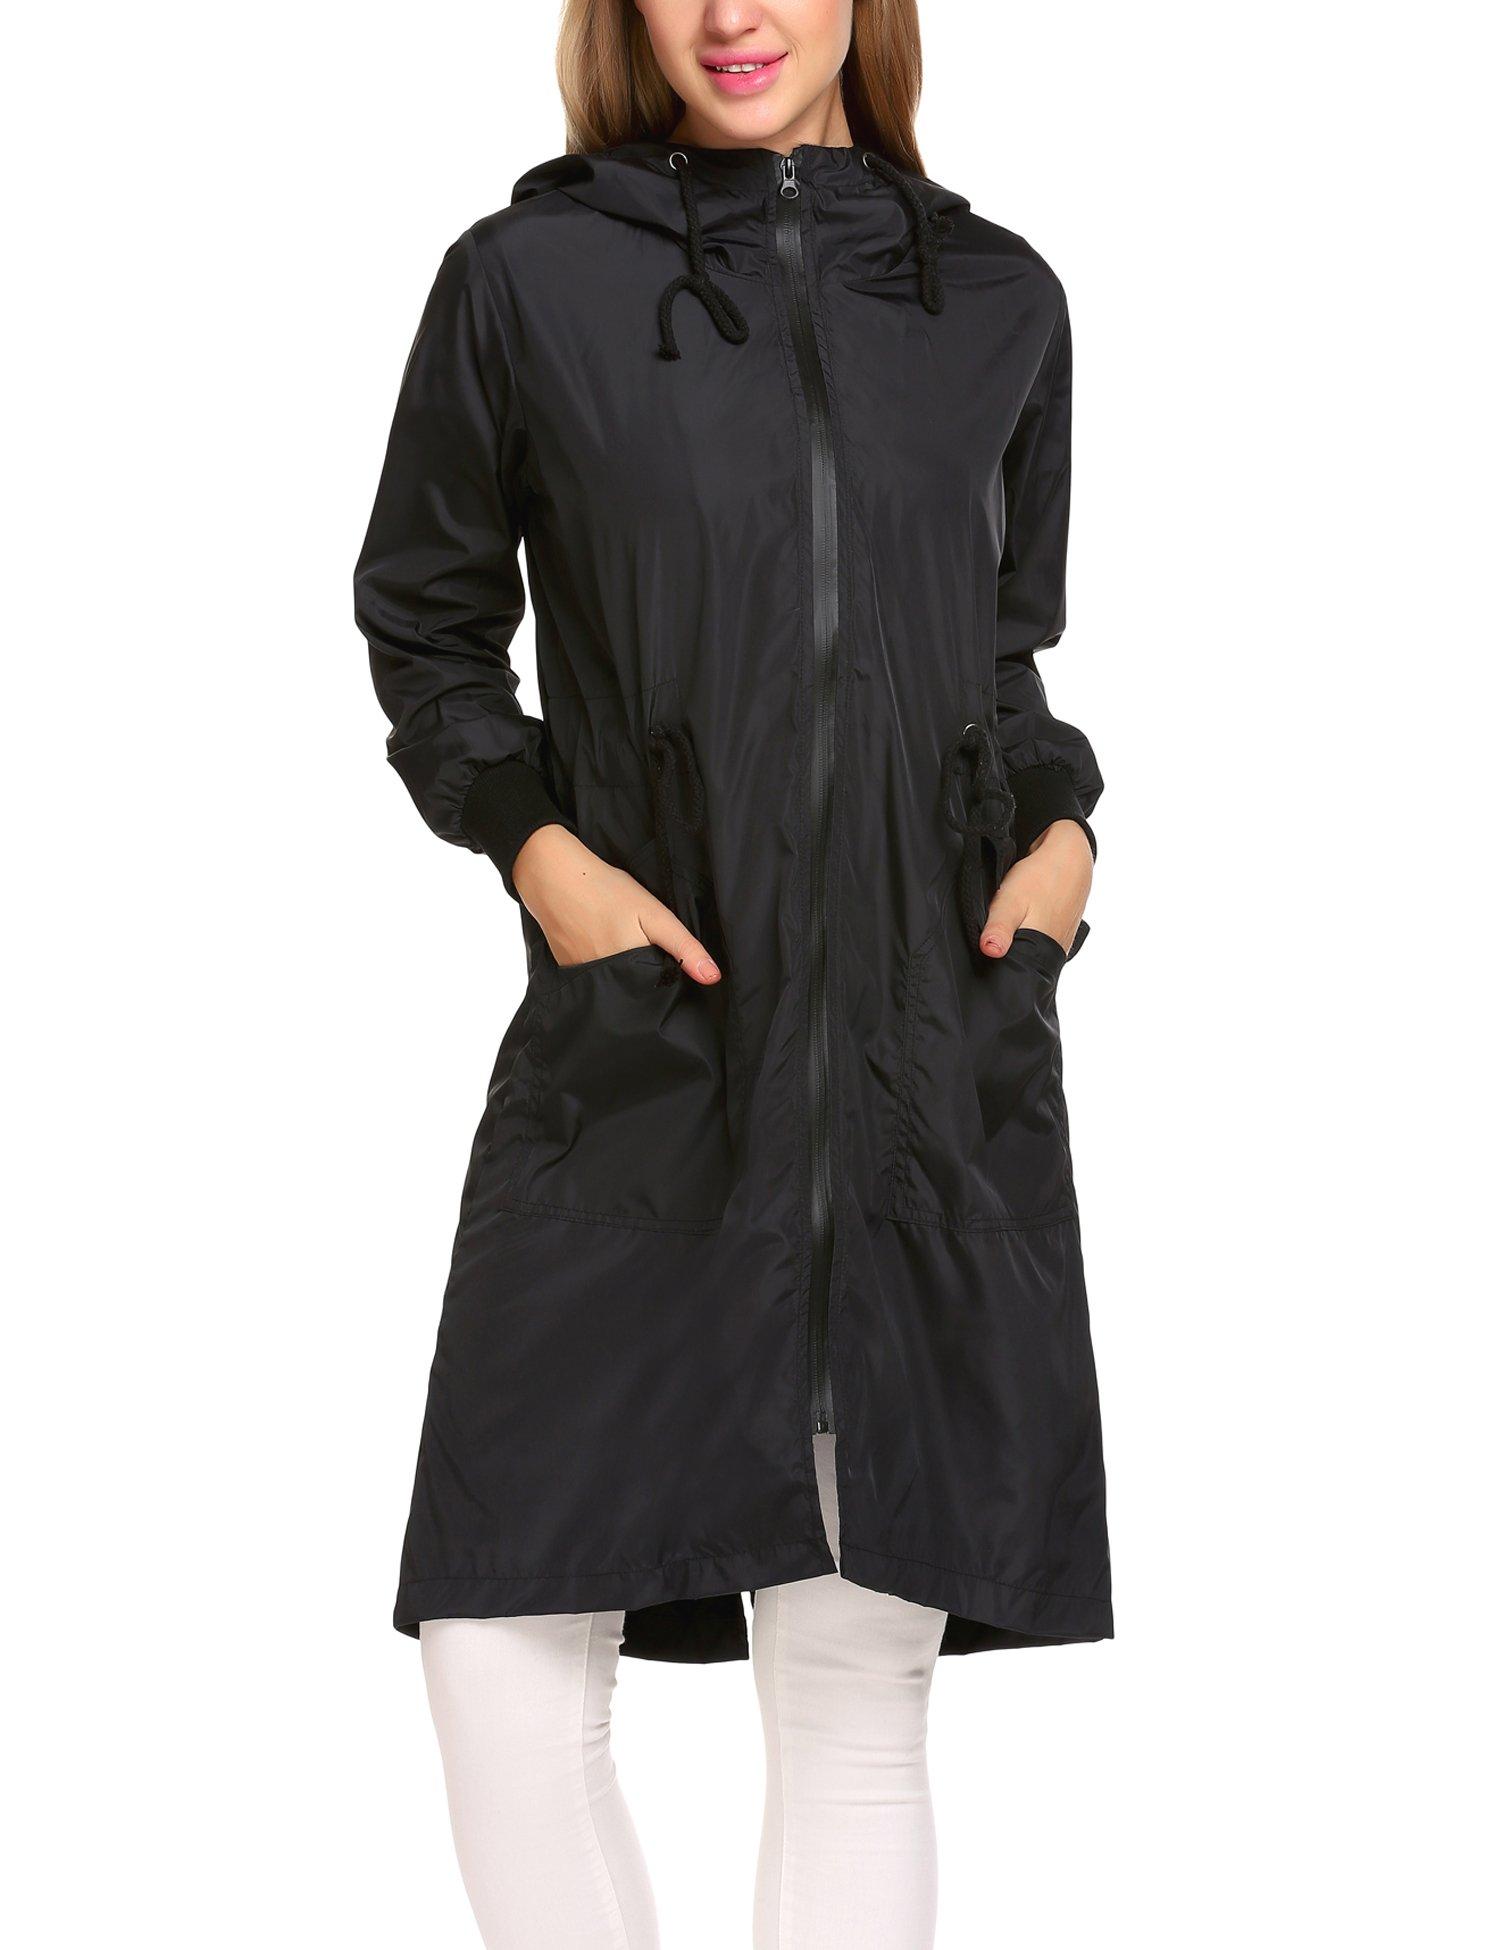 Zeagoo Women's Waterproof Front-Zip Lightweight Hoodie Hiking Cycling Outdoor Raincoat Active Jacket,Black,XXL by Zeagoo (Image #4)